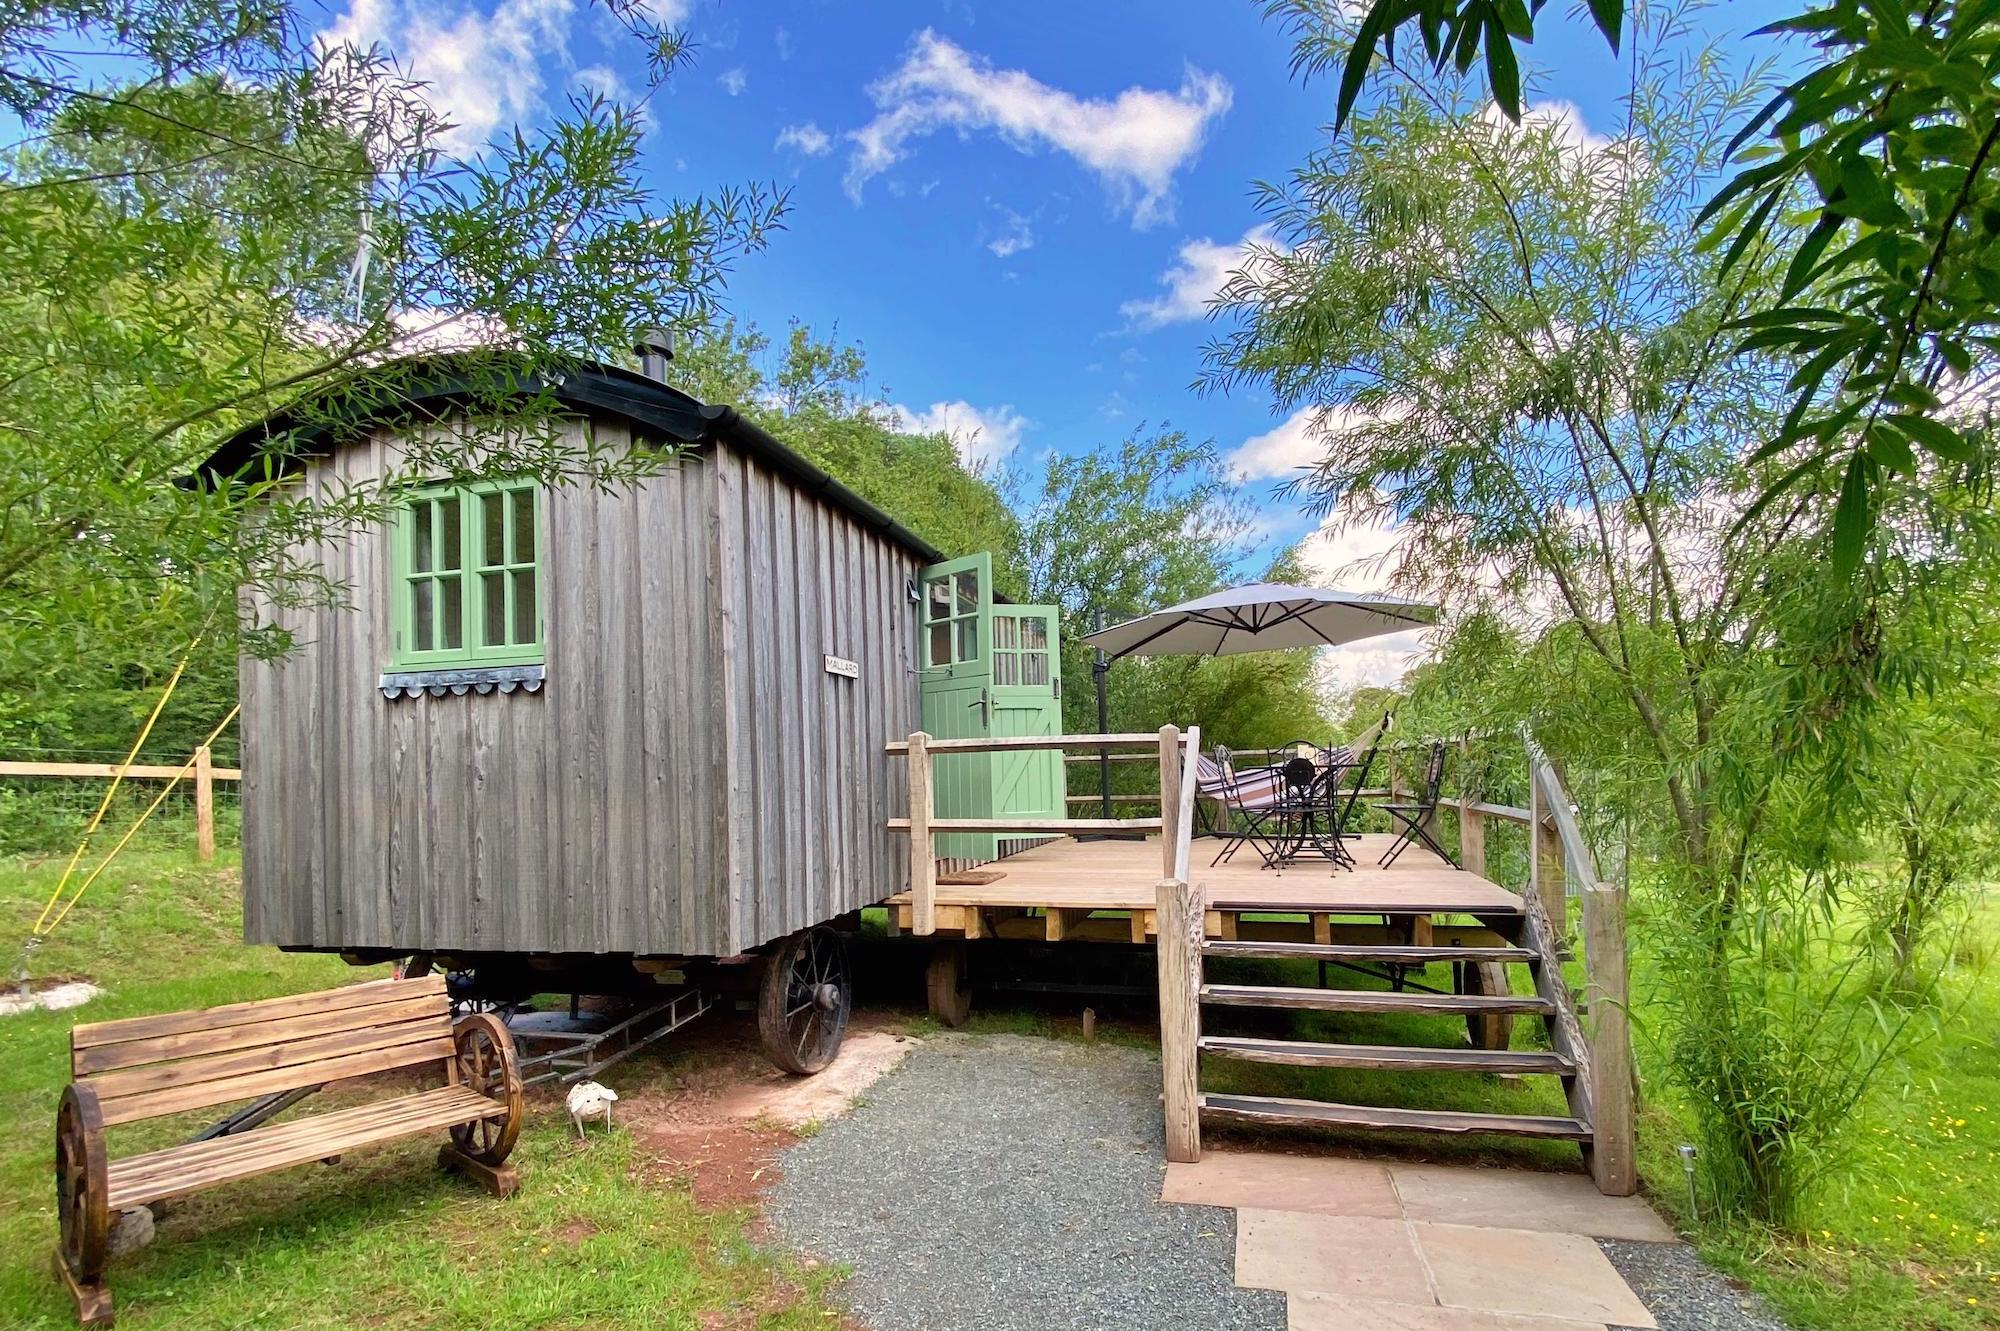 Sennybridge Shepherd's Huts